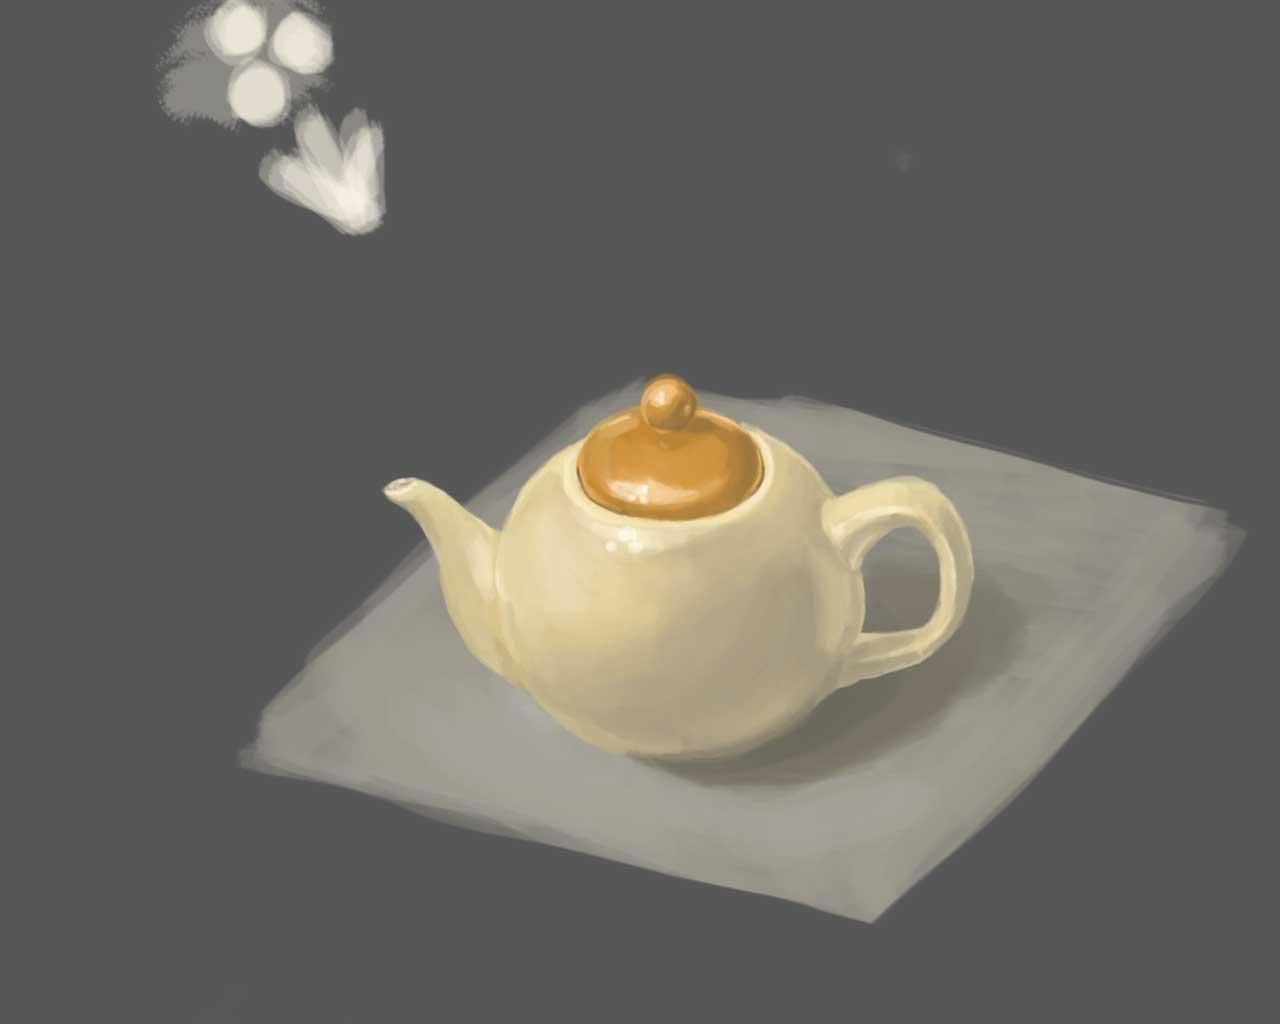 Чайник | Учимся рисовать, прогресс ли?